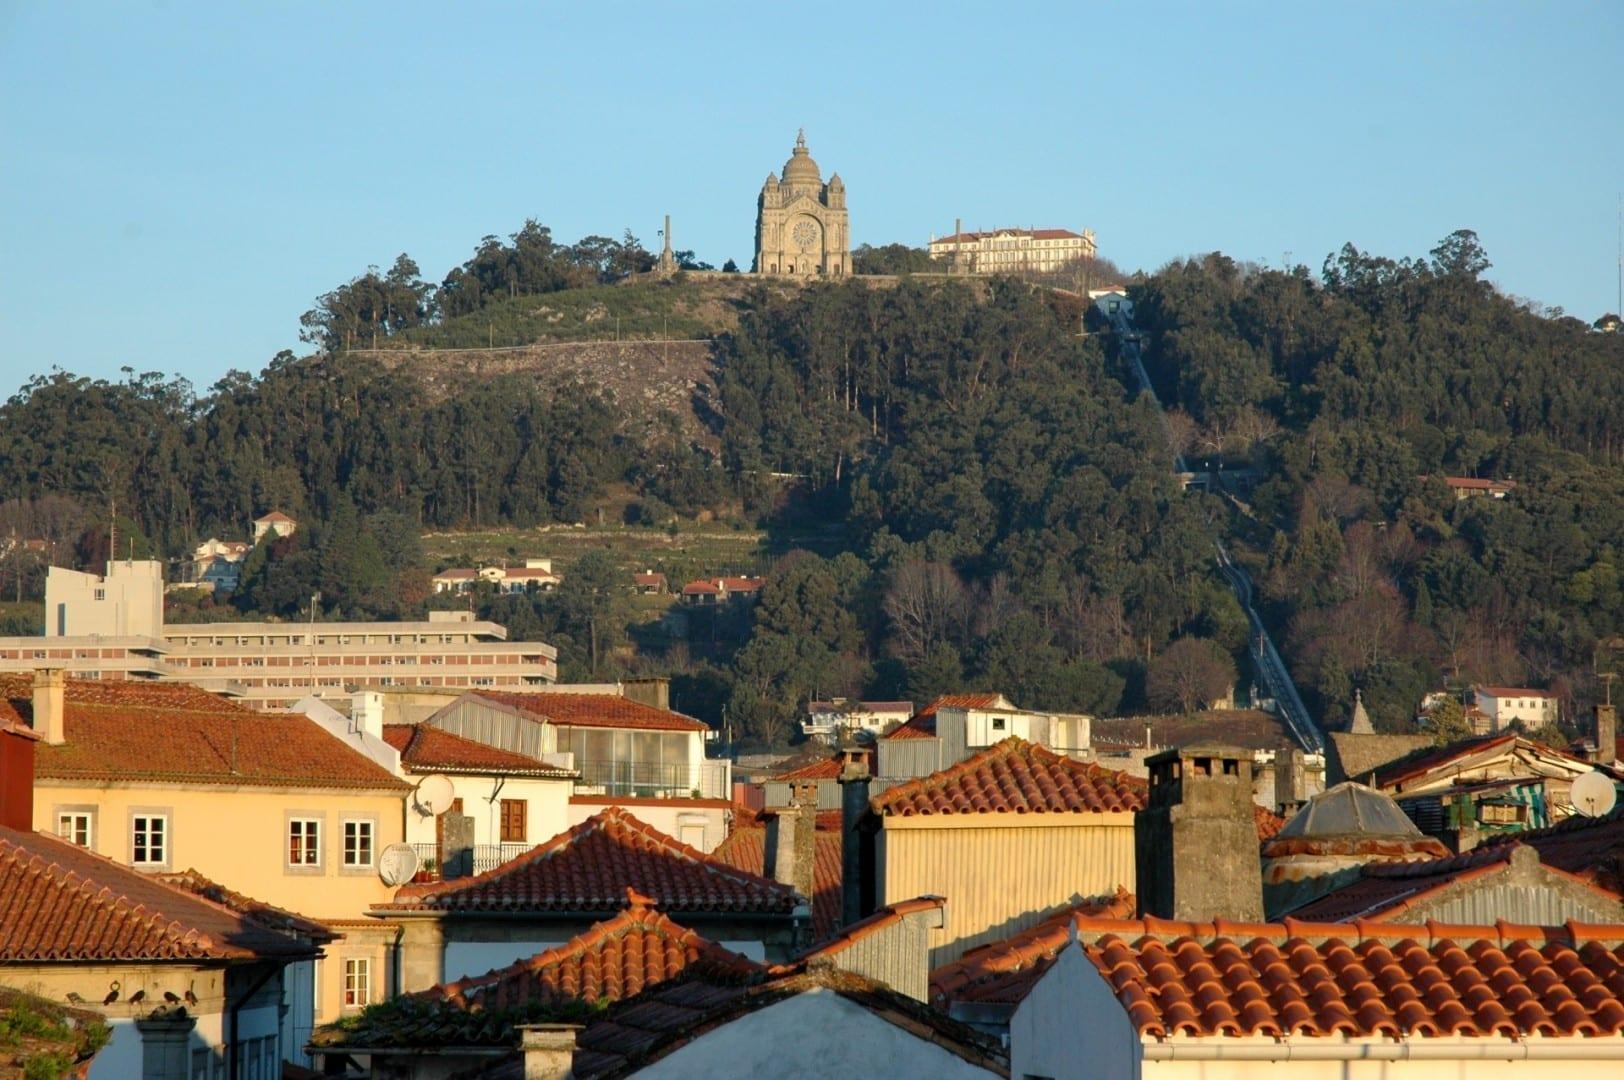 Una vista de la ciudad. Viana do Castelo Portugal